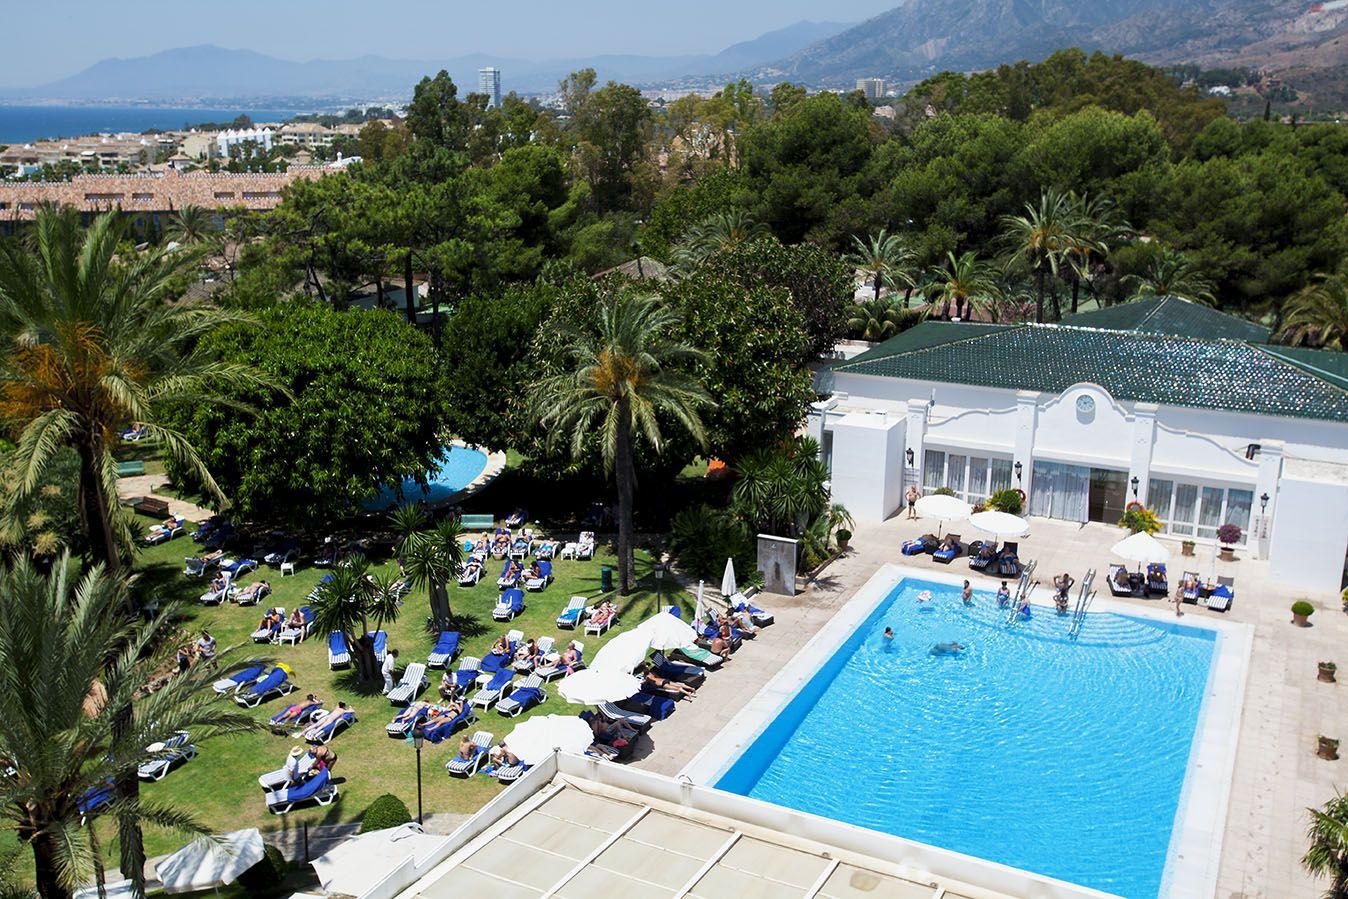 Los Monteros Hotel & Spa ofrece piscina al aire libre, y una amplia zona de jardines.